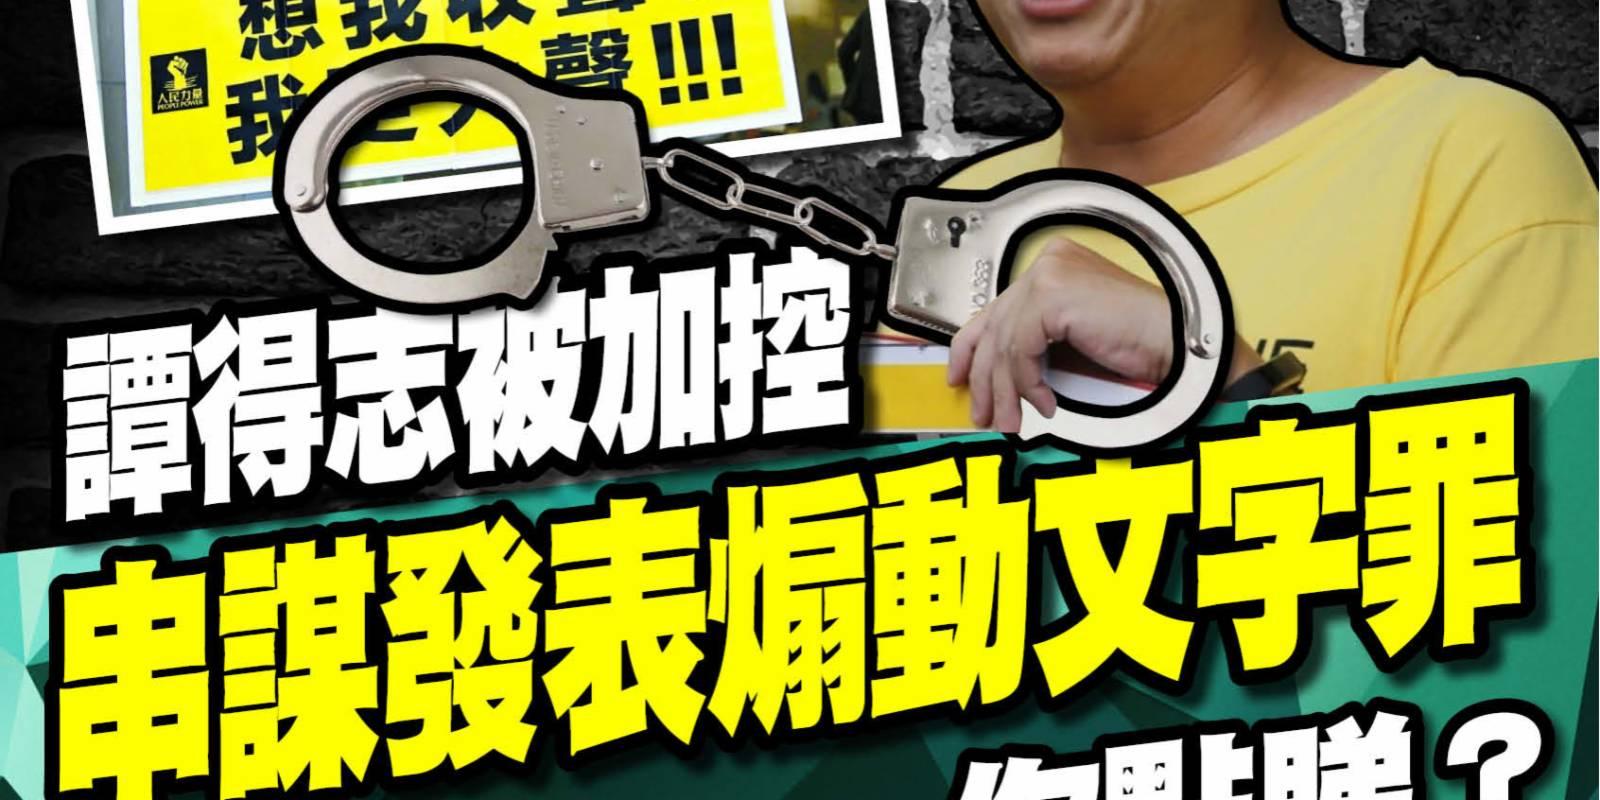 譚得志被加控串謀發表煽動文字罪 你點睇?